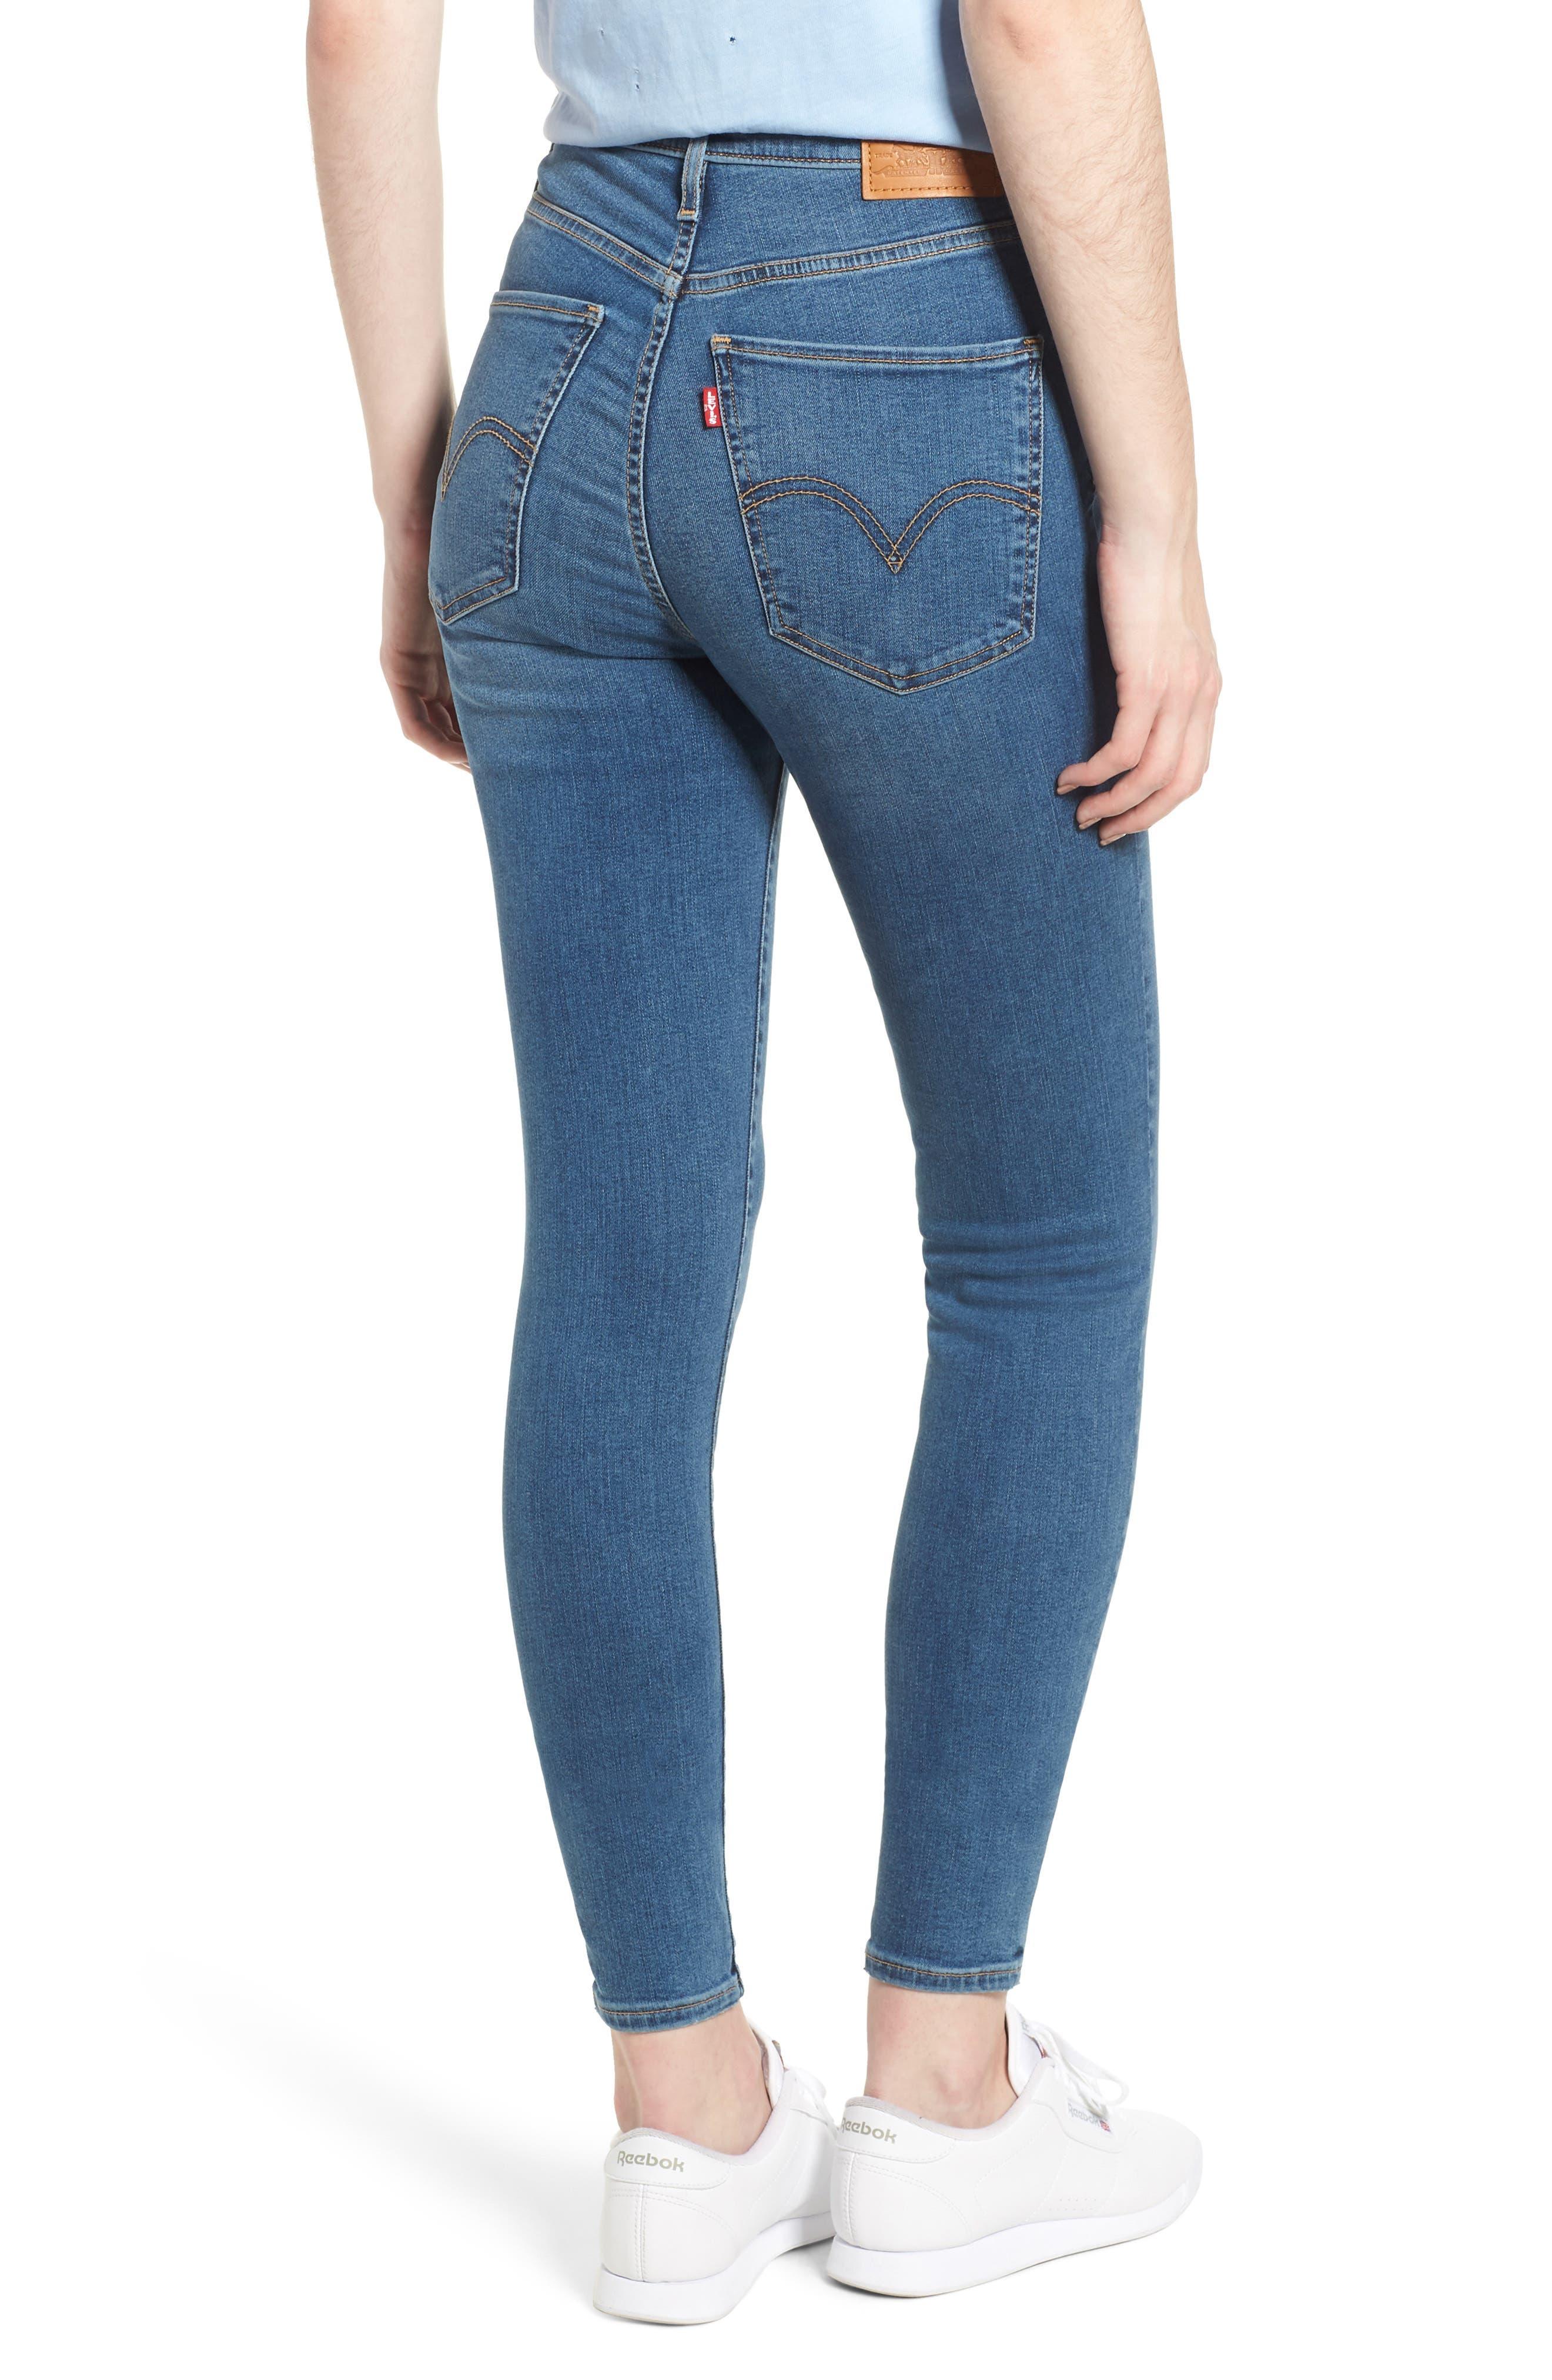 Mile High Super Skinny Jeans,                             Alternate thumbnail 2, color,                             MED BLUE 1